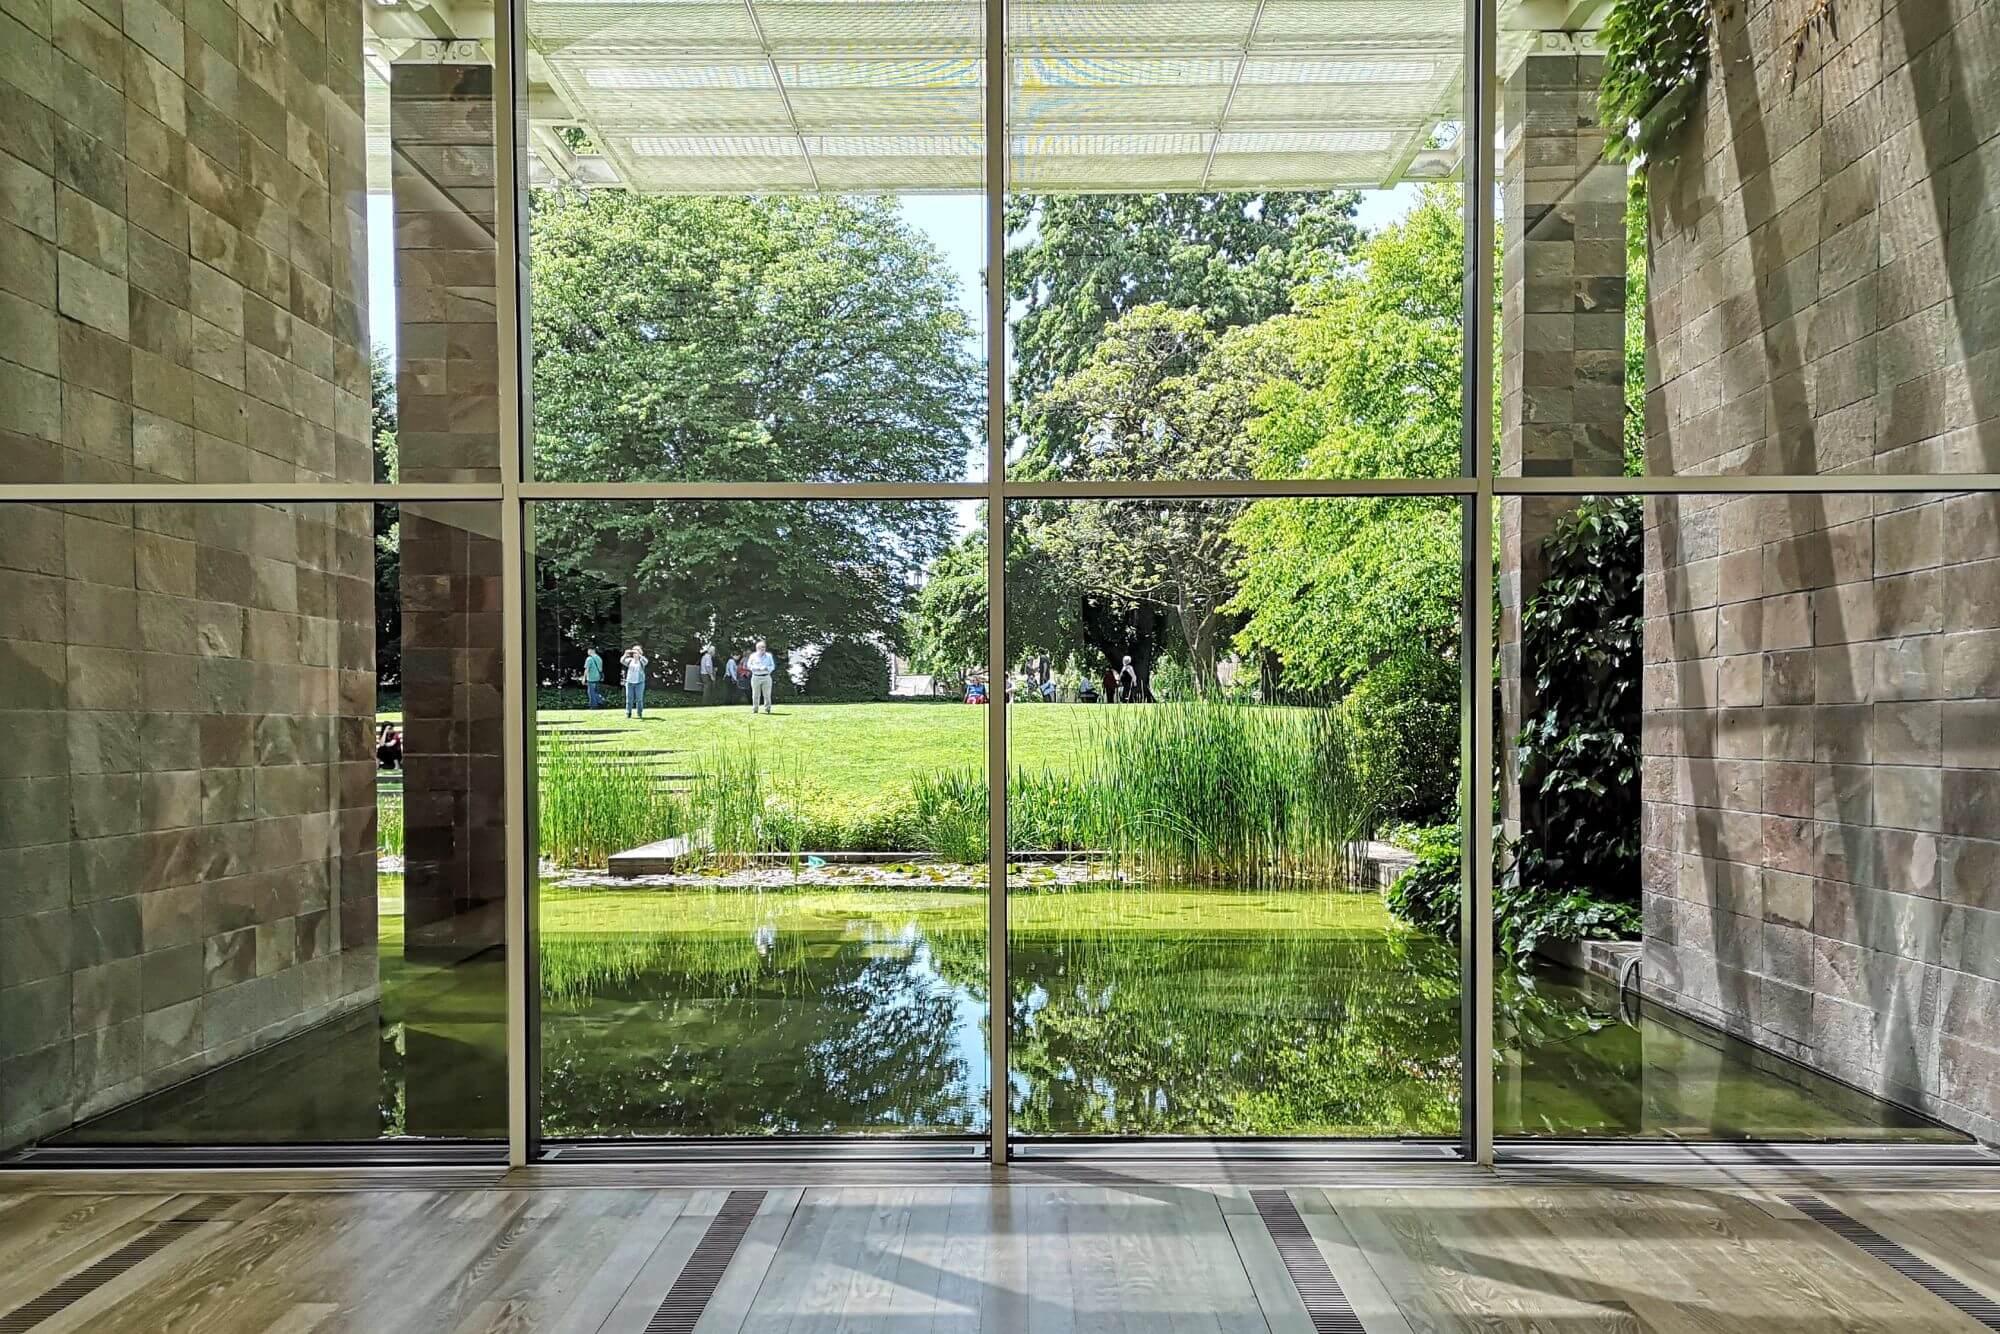 Die Fondation Beyeler zeigt eine Ausstellung zu Alexander Calder & Fischli Weiss, ergänzt durch ein besonderes Projekt: eine Garten-Installation.